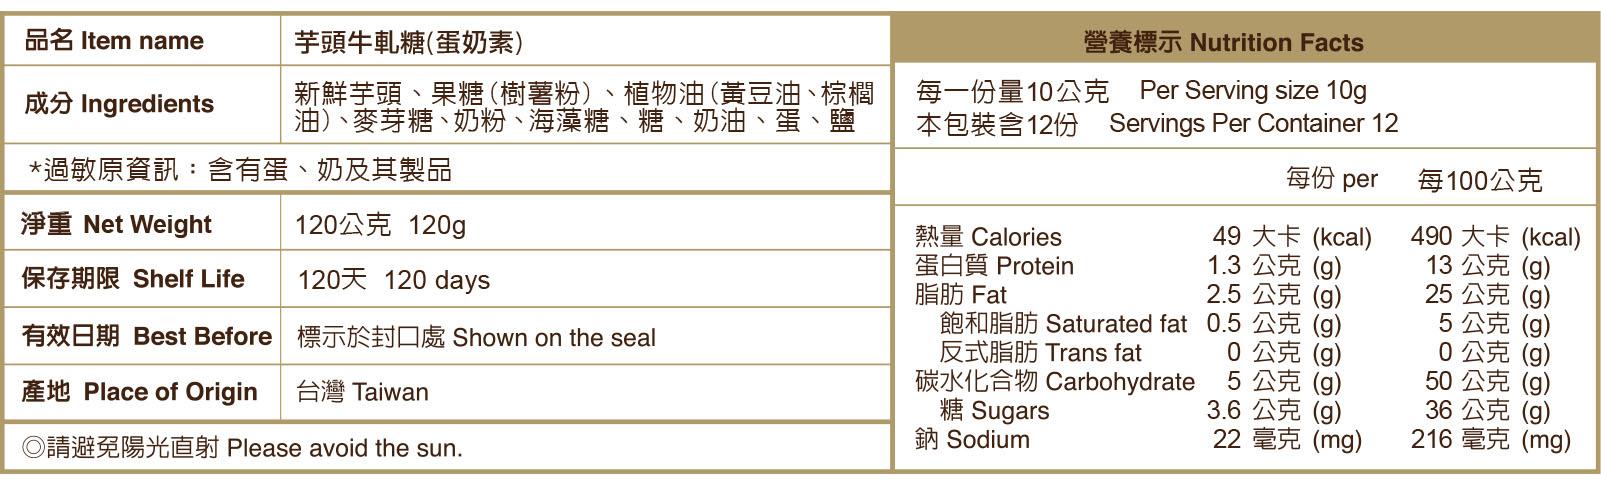 芋頭牛軋糖(蛋奶素)標示說明